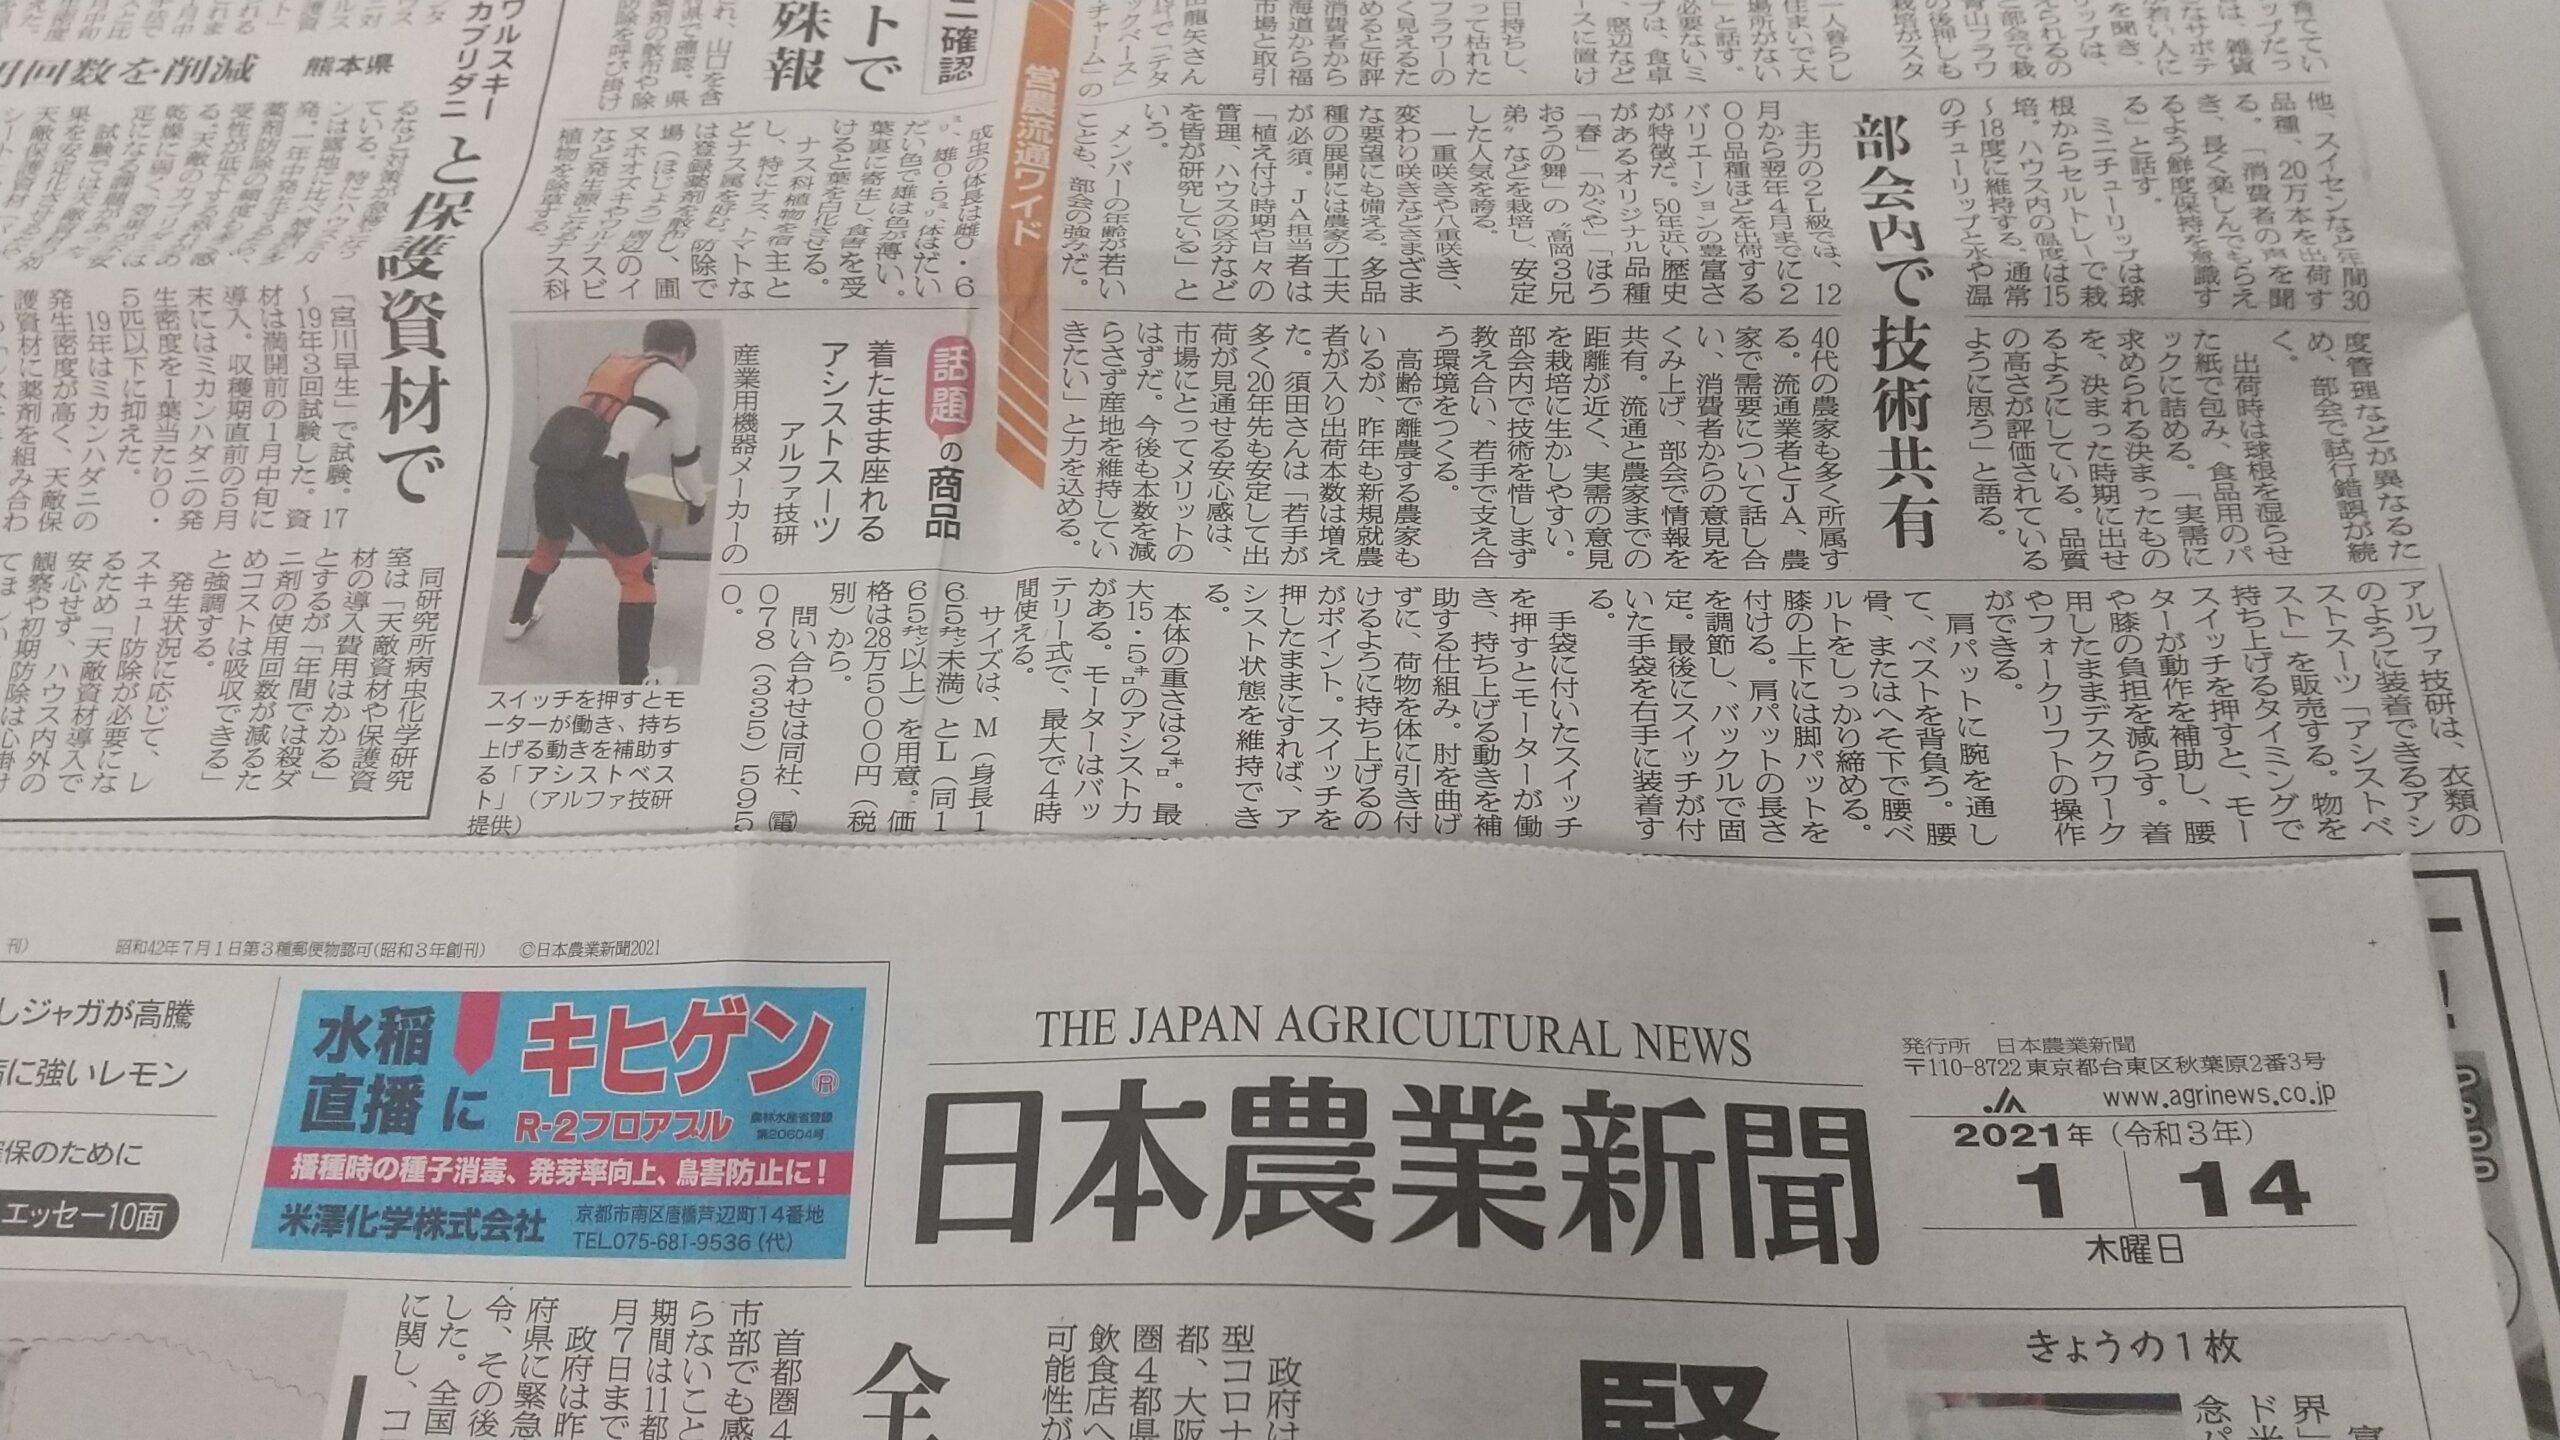 メディア紹介|日本農業新聞|アシストベスト